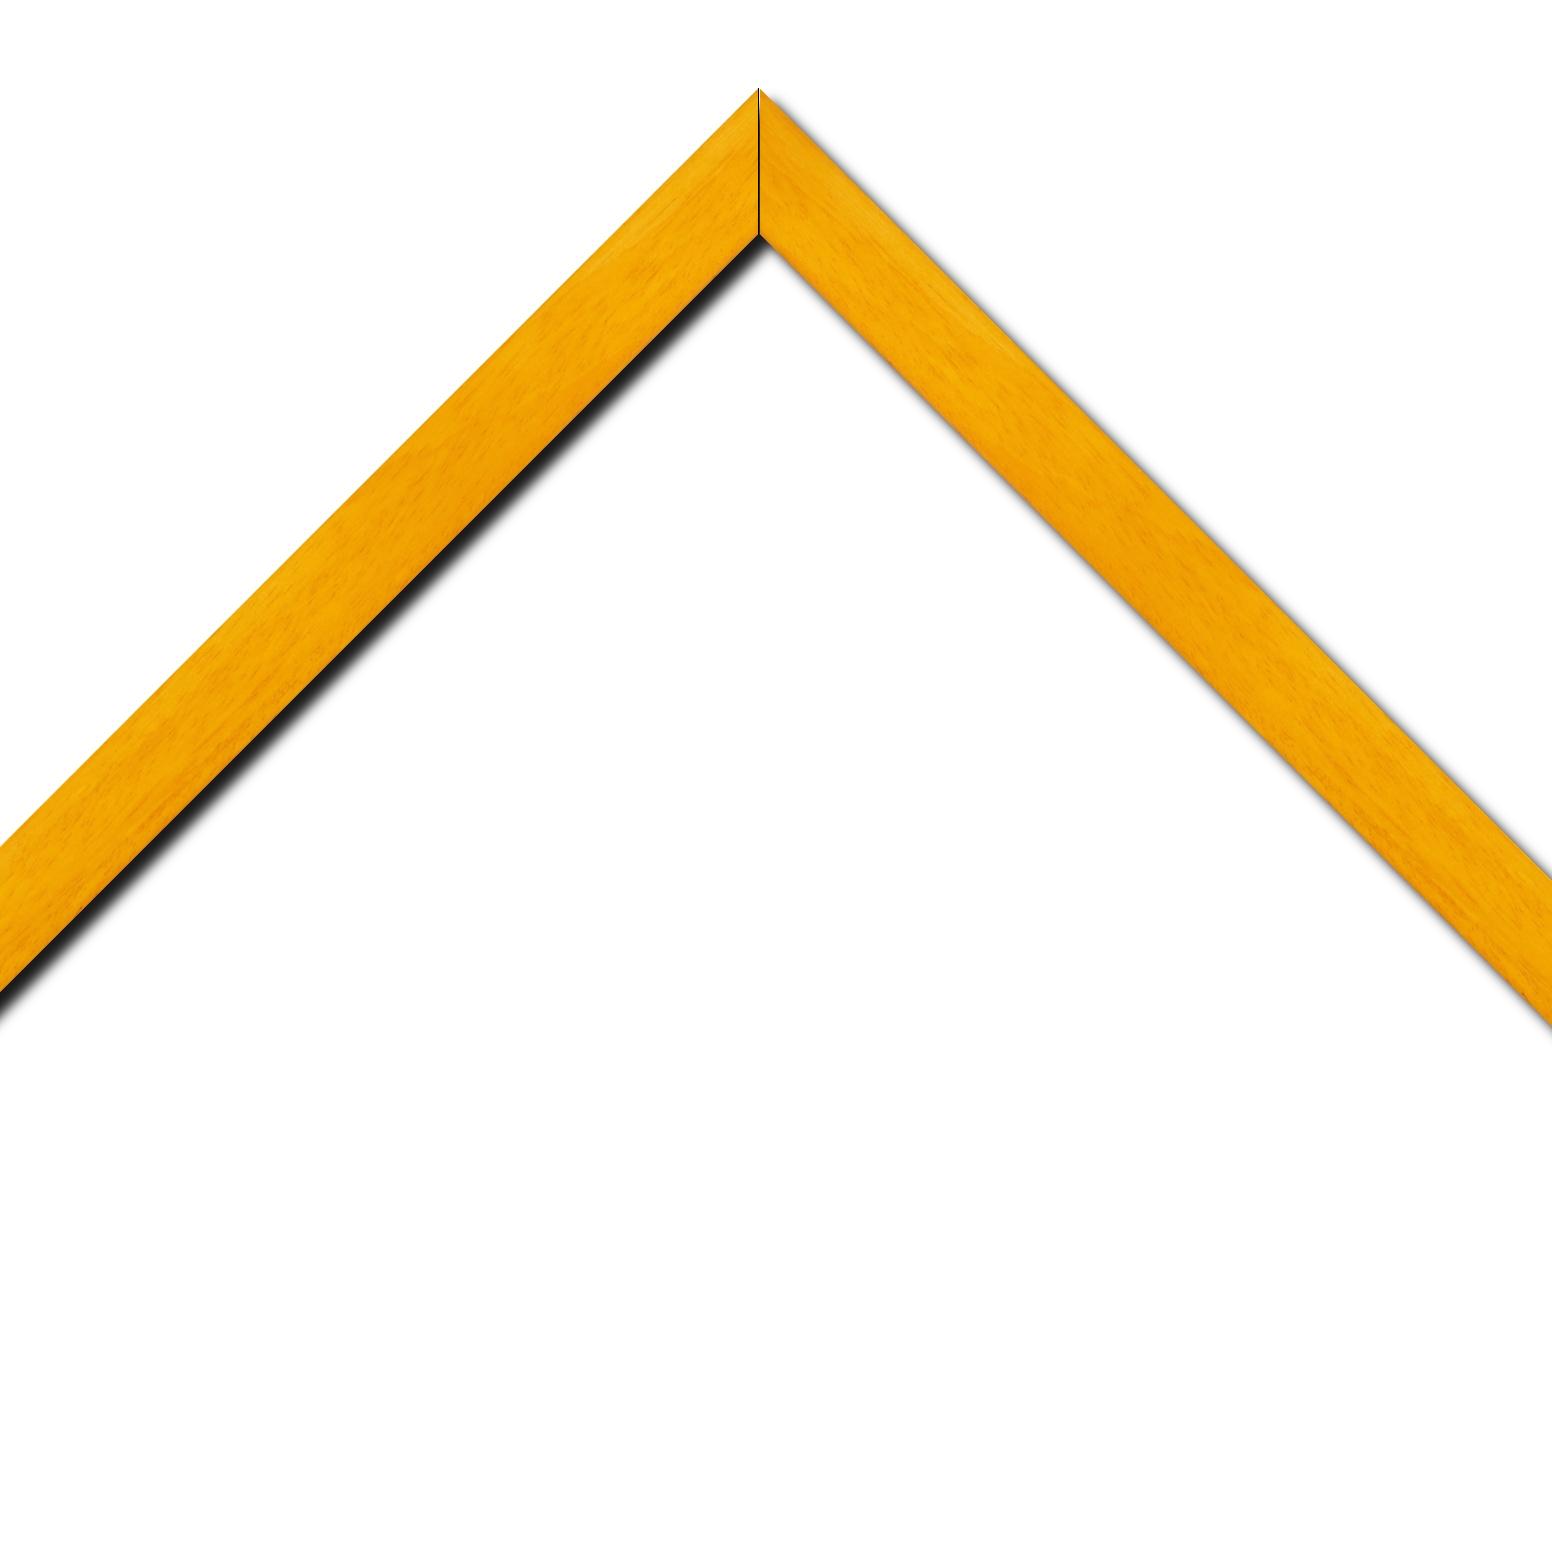 Baguette bois profil plat largeur 2.5cm couleur jaune tournesol satiné